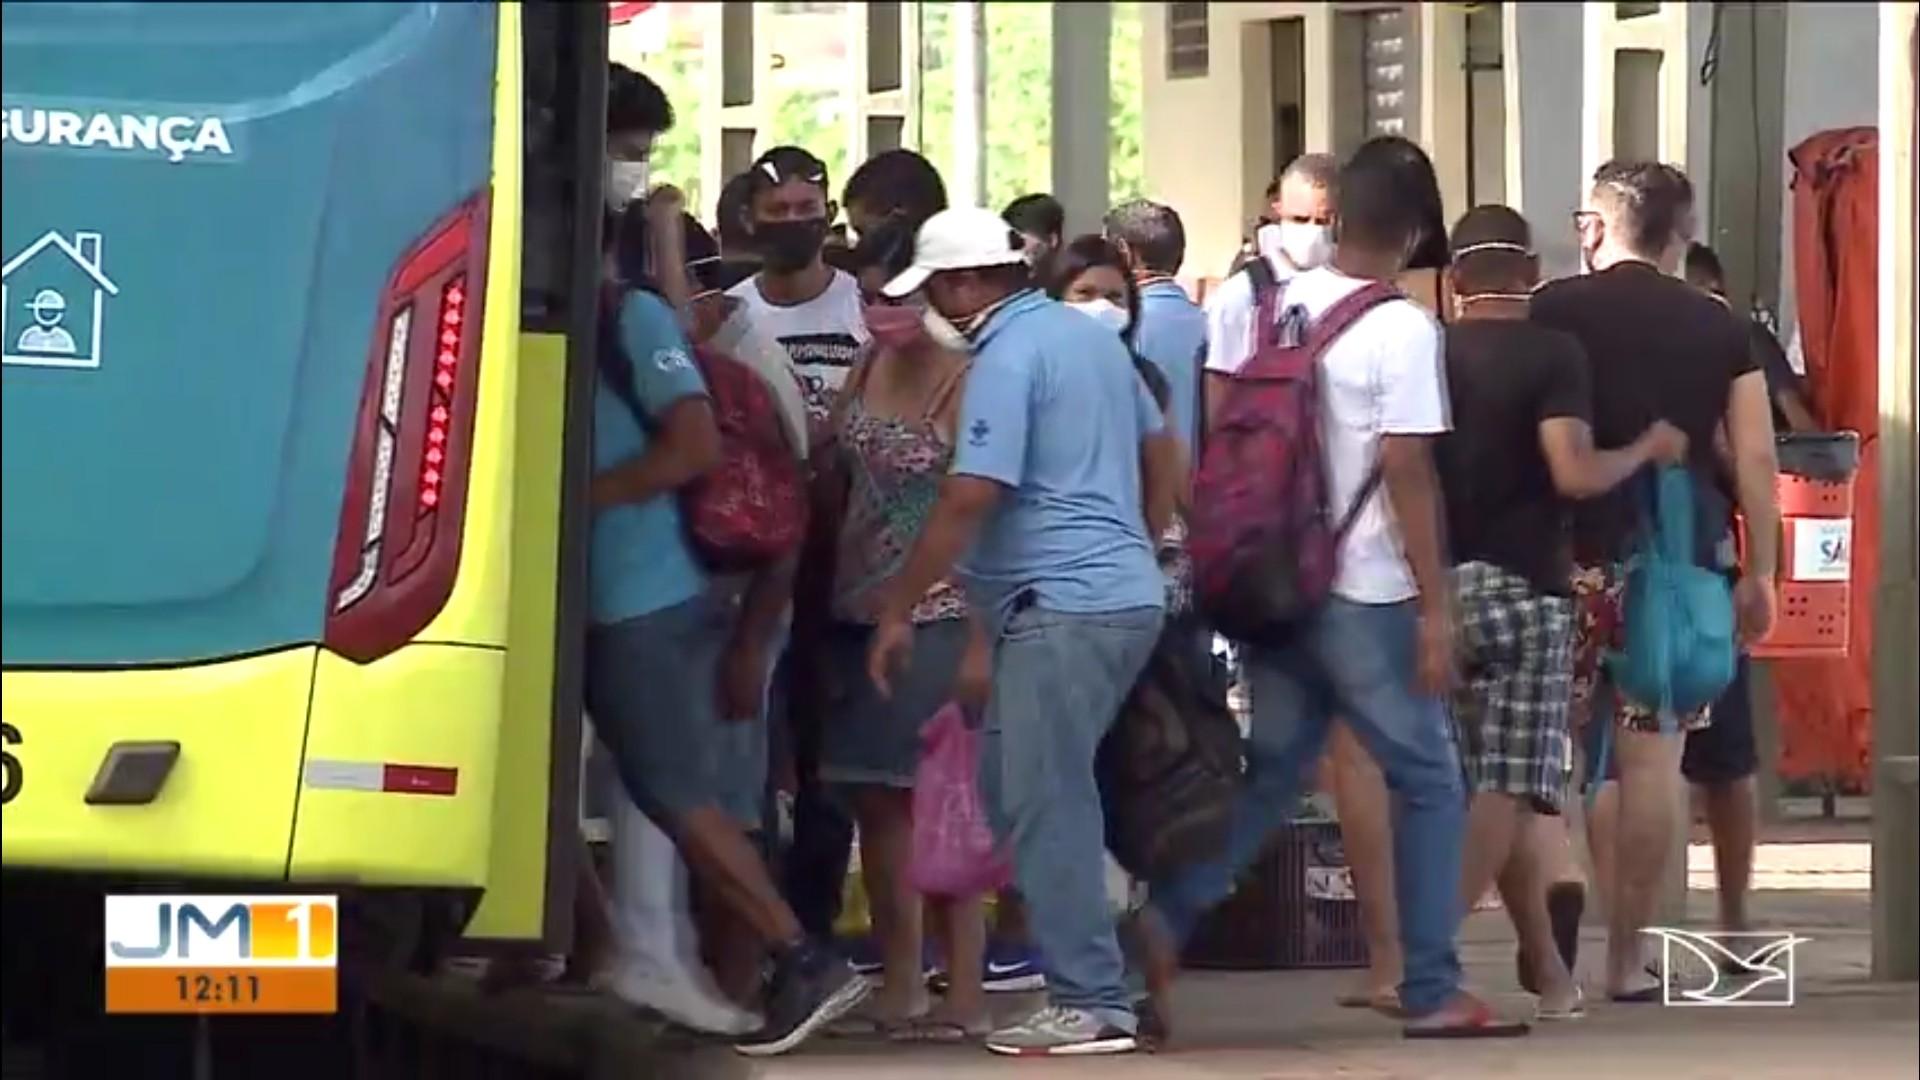 Passageiros reclamam que manter distanciamento dentro dos ônibus é impossível em São Luís